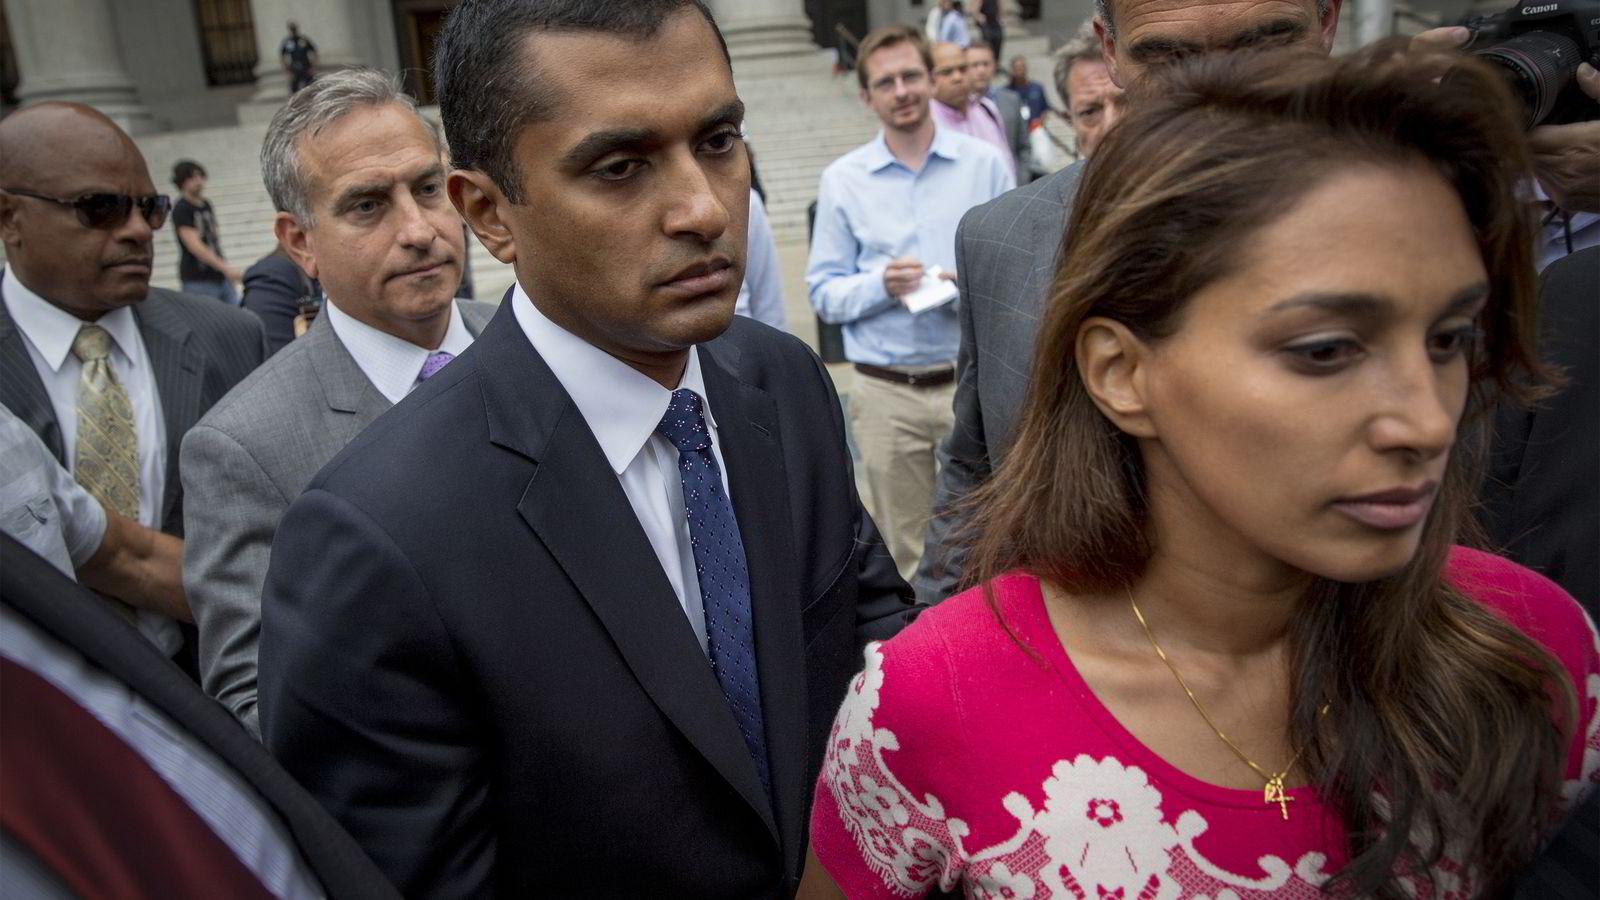 «KNUST». Matthew Martoma forlater rettsbygningen i New York sammen med sin kone Rosemary etter å ha mottatt dommen på ni års fengsel mandag. Foto: Brendan McDermid/